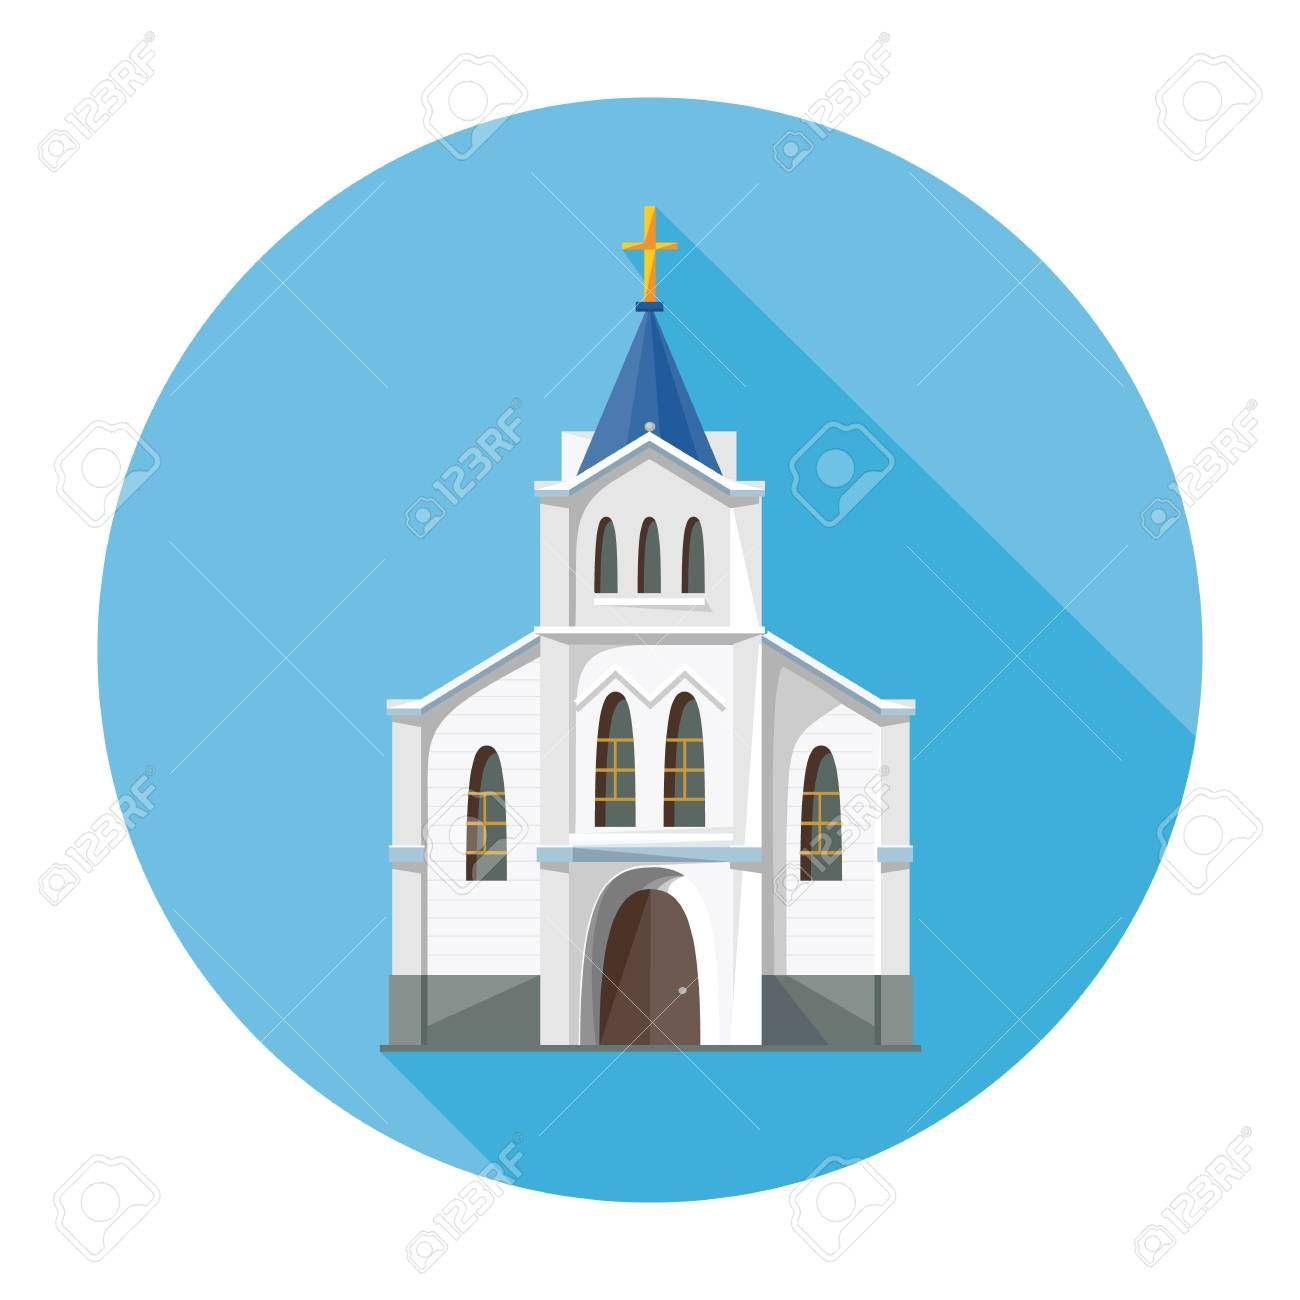 Icono De La Iglesia Aislado Sobre Fondo Blanco Ilustracion Del Vector Para El Diseno De La Arquitectura De La Religion Silueta De Edificio De Iglesia De Dibuj Silueta De Edificios Iglesia